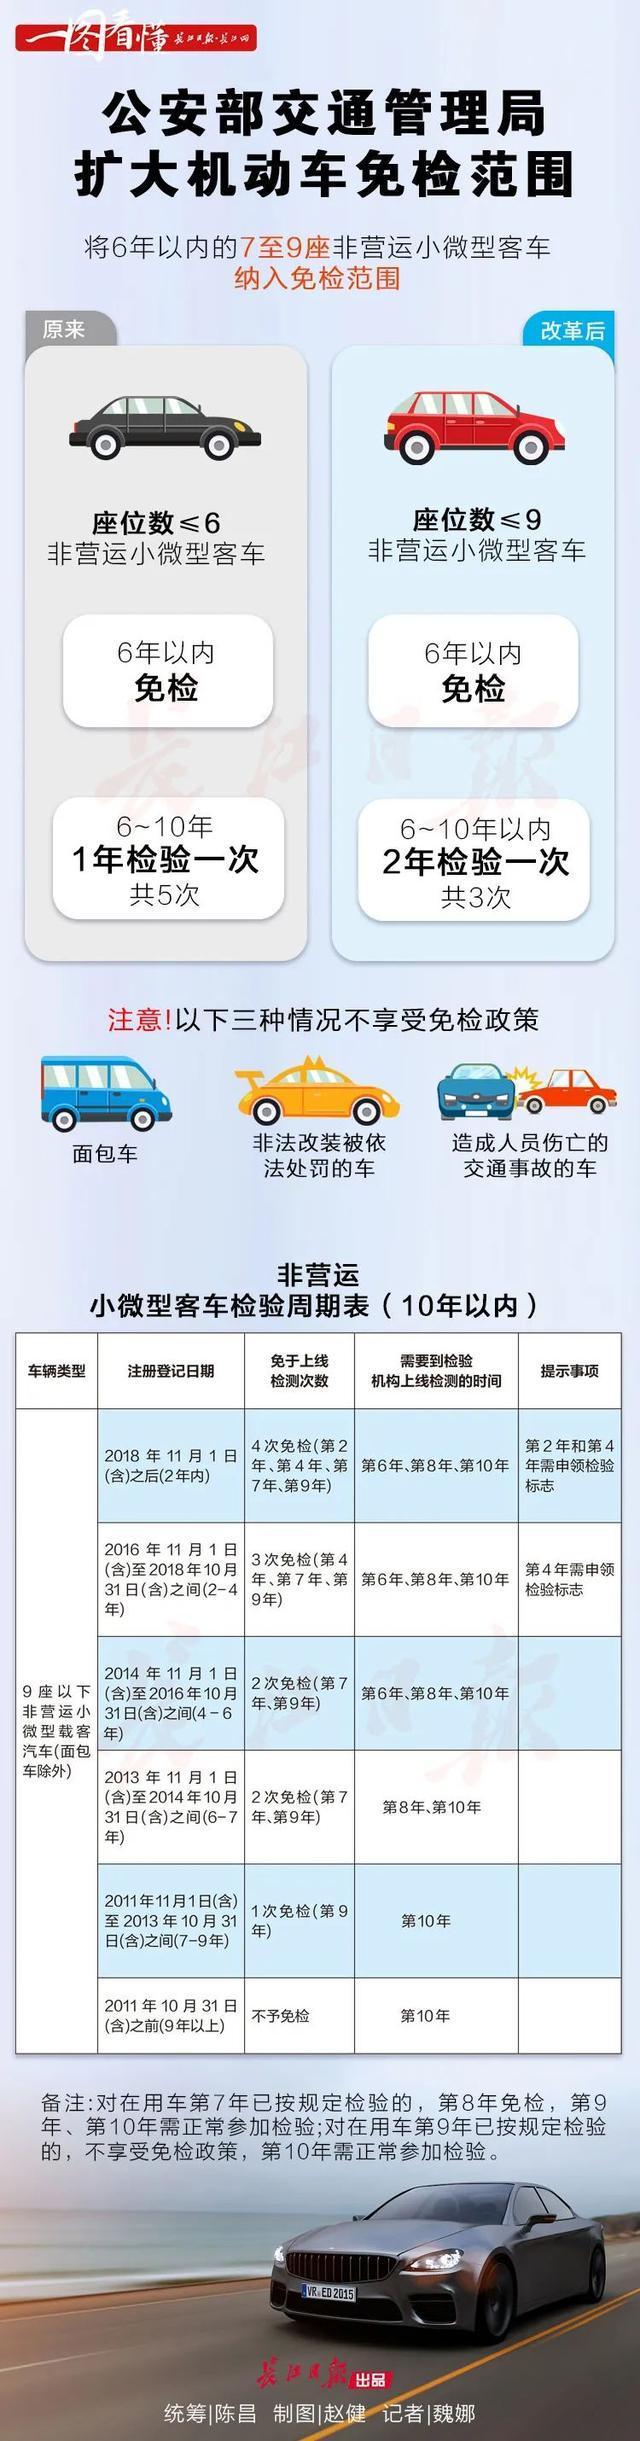 自11月起,机动车免检范围扩大。看你的车在不在范围内? 第2张